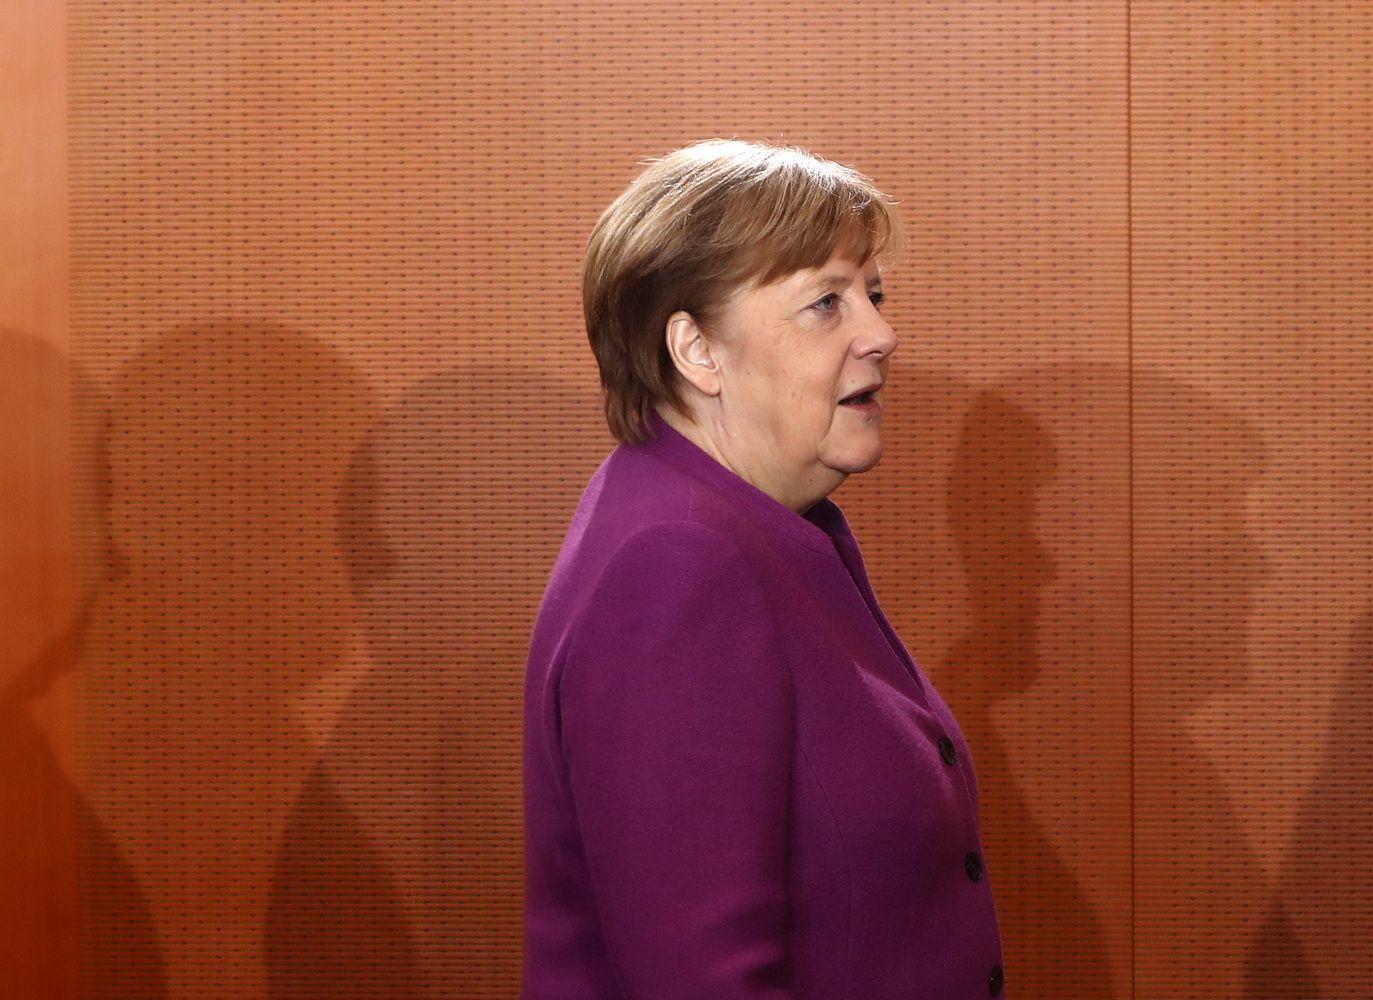 Prekybinėjekarštinėje Vokietija ragina išlikti ramiems